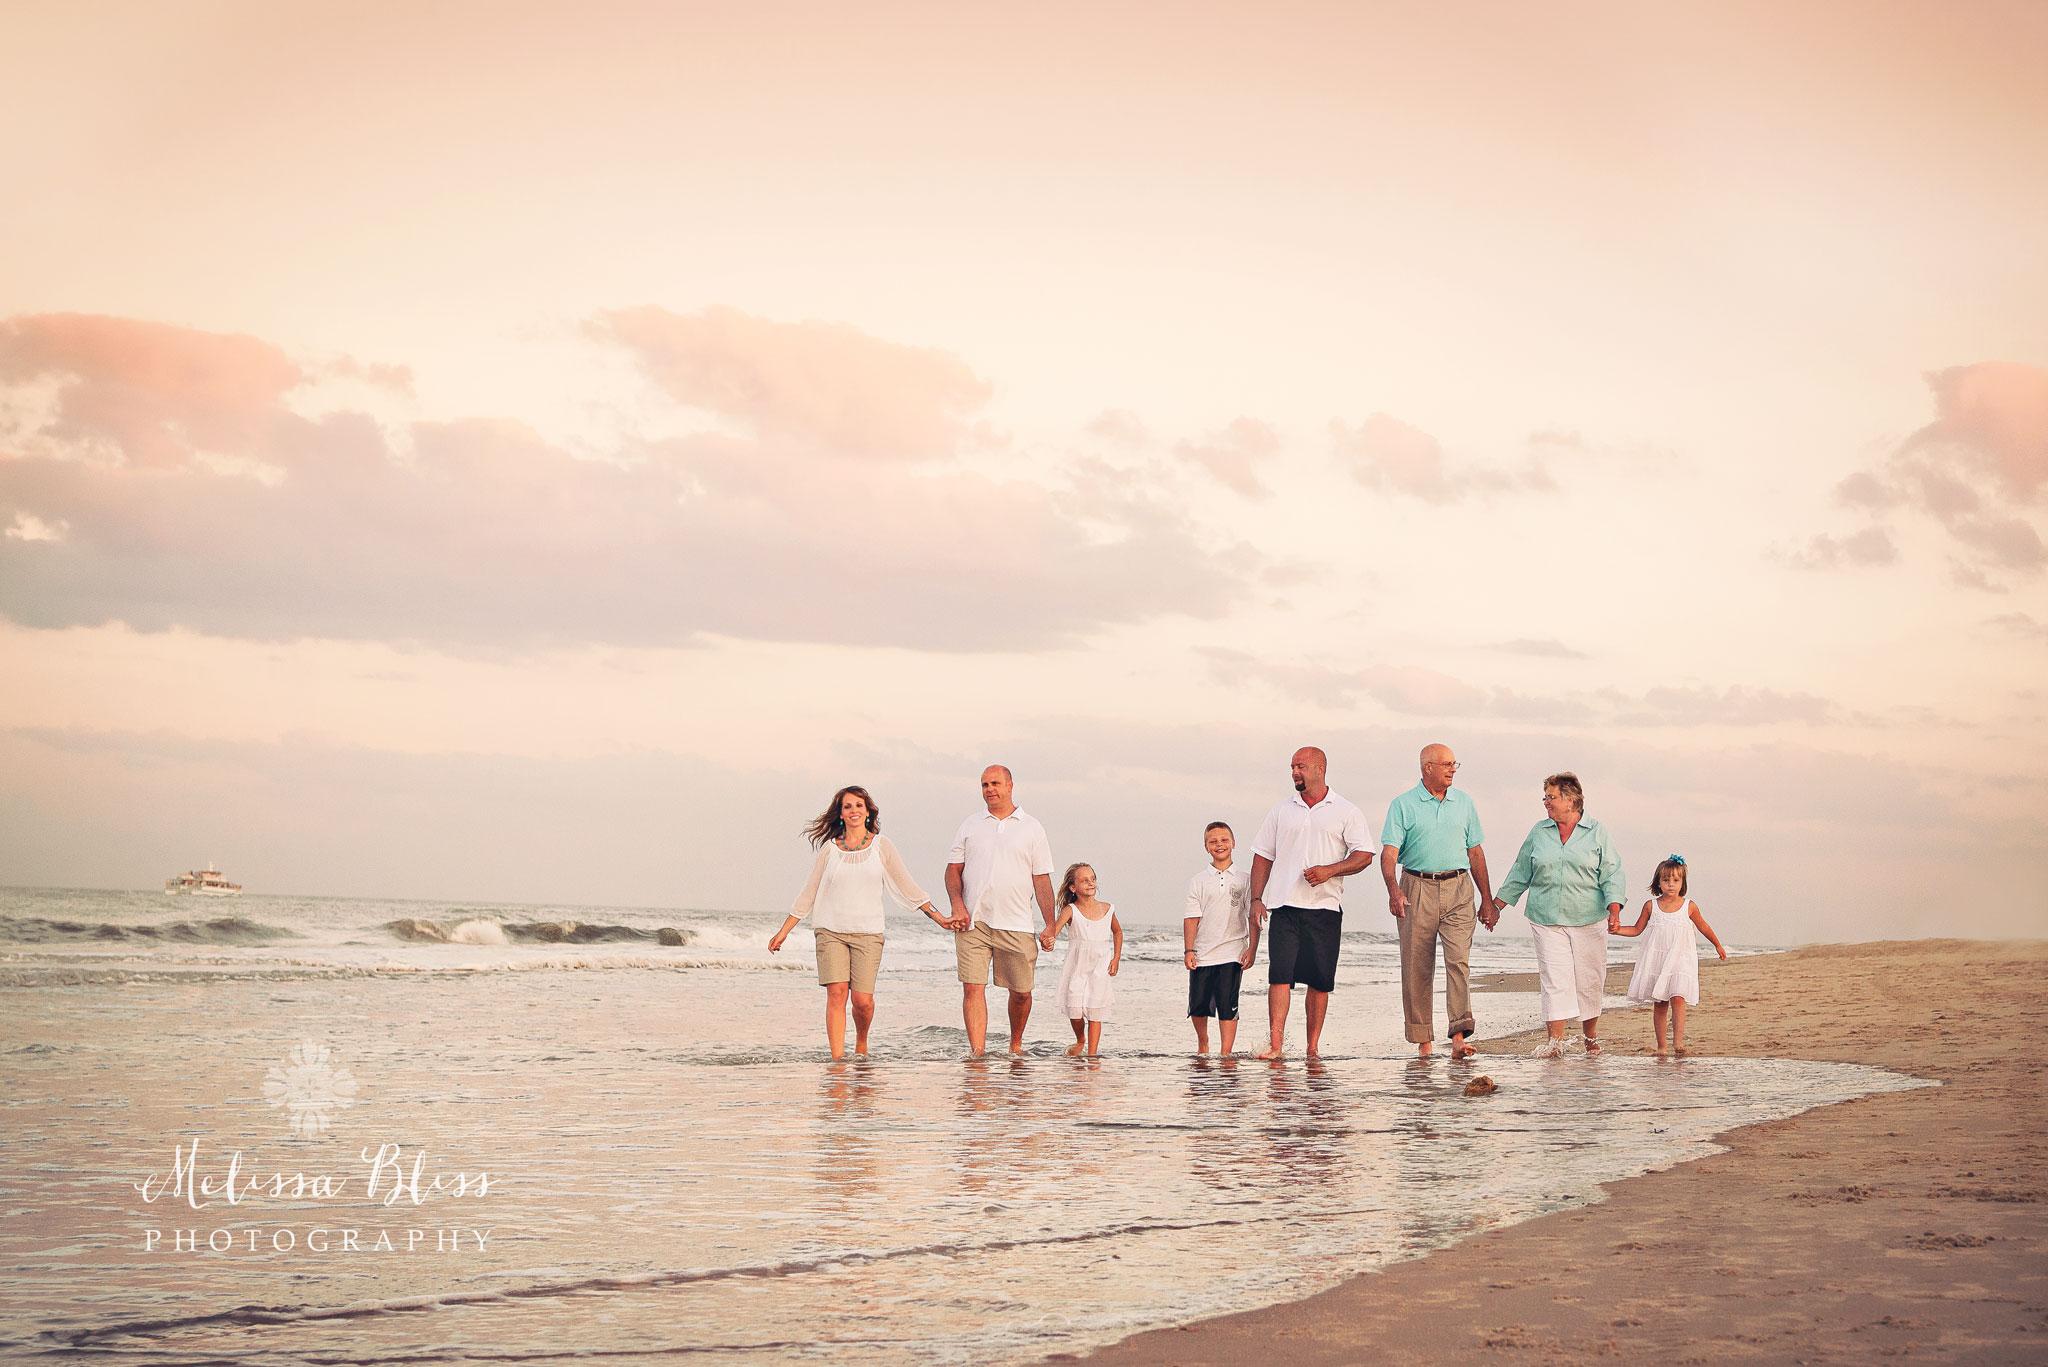 virginia-beach-photographer-sandbridge-beach-photographer-melissa-bliss-photography-family-photos-on-the-beach